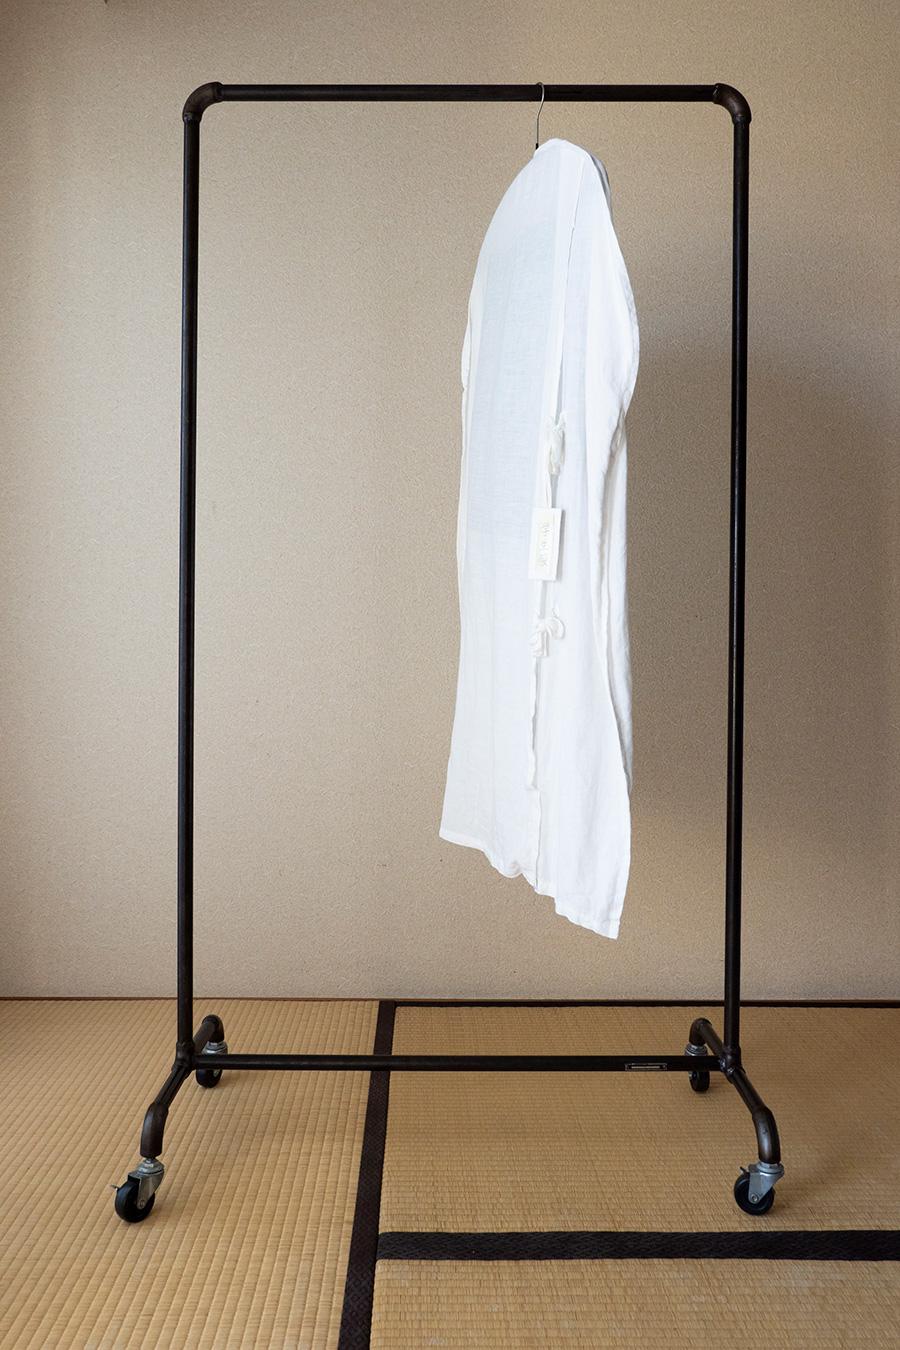 ネットで購入したアイアンのコートハンガー。洋服カバーは、穴があいてしまったシーツを使って、友人が作ってくれたもの。